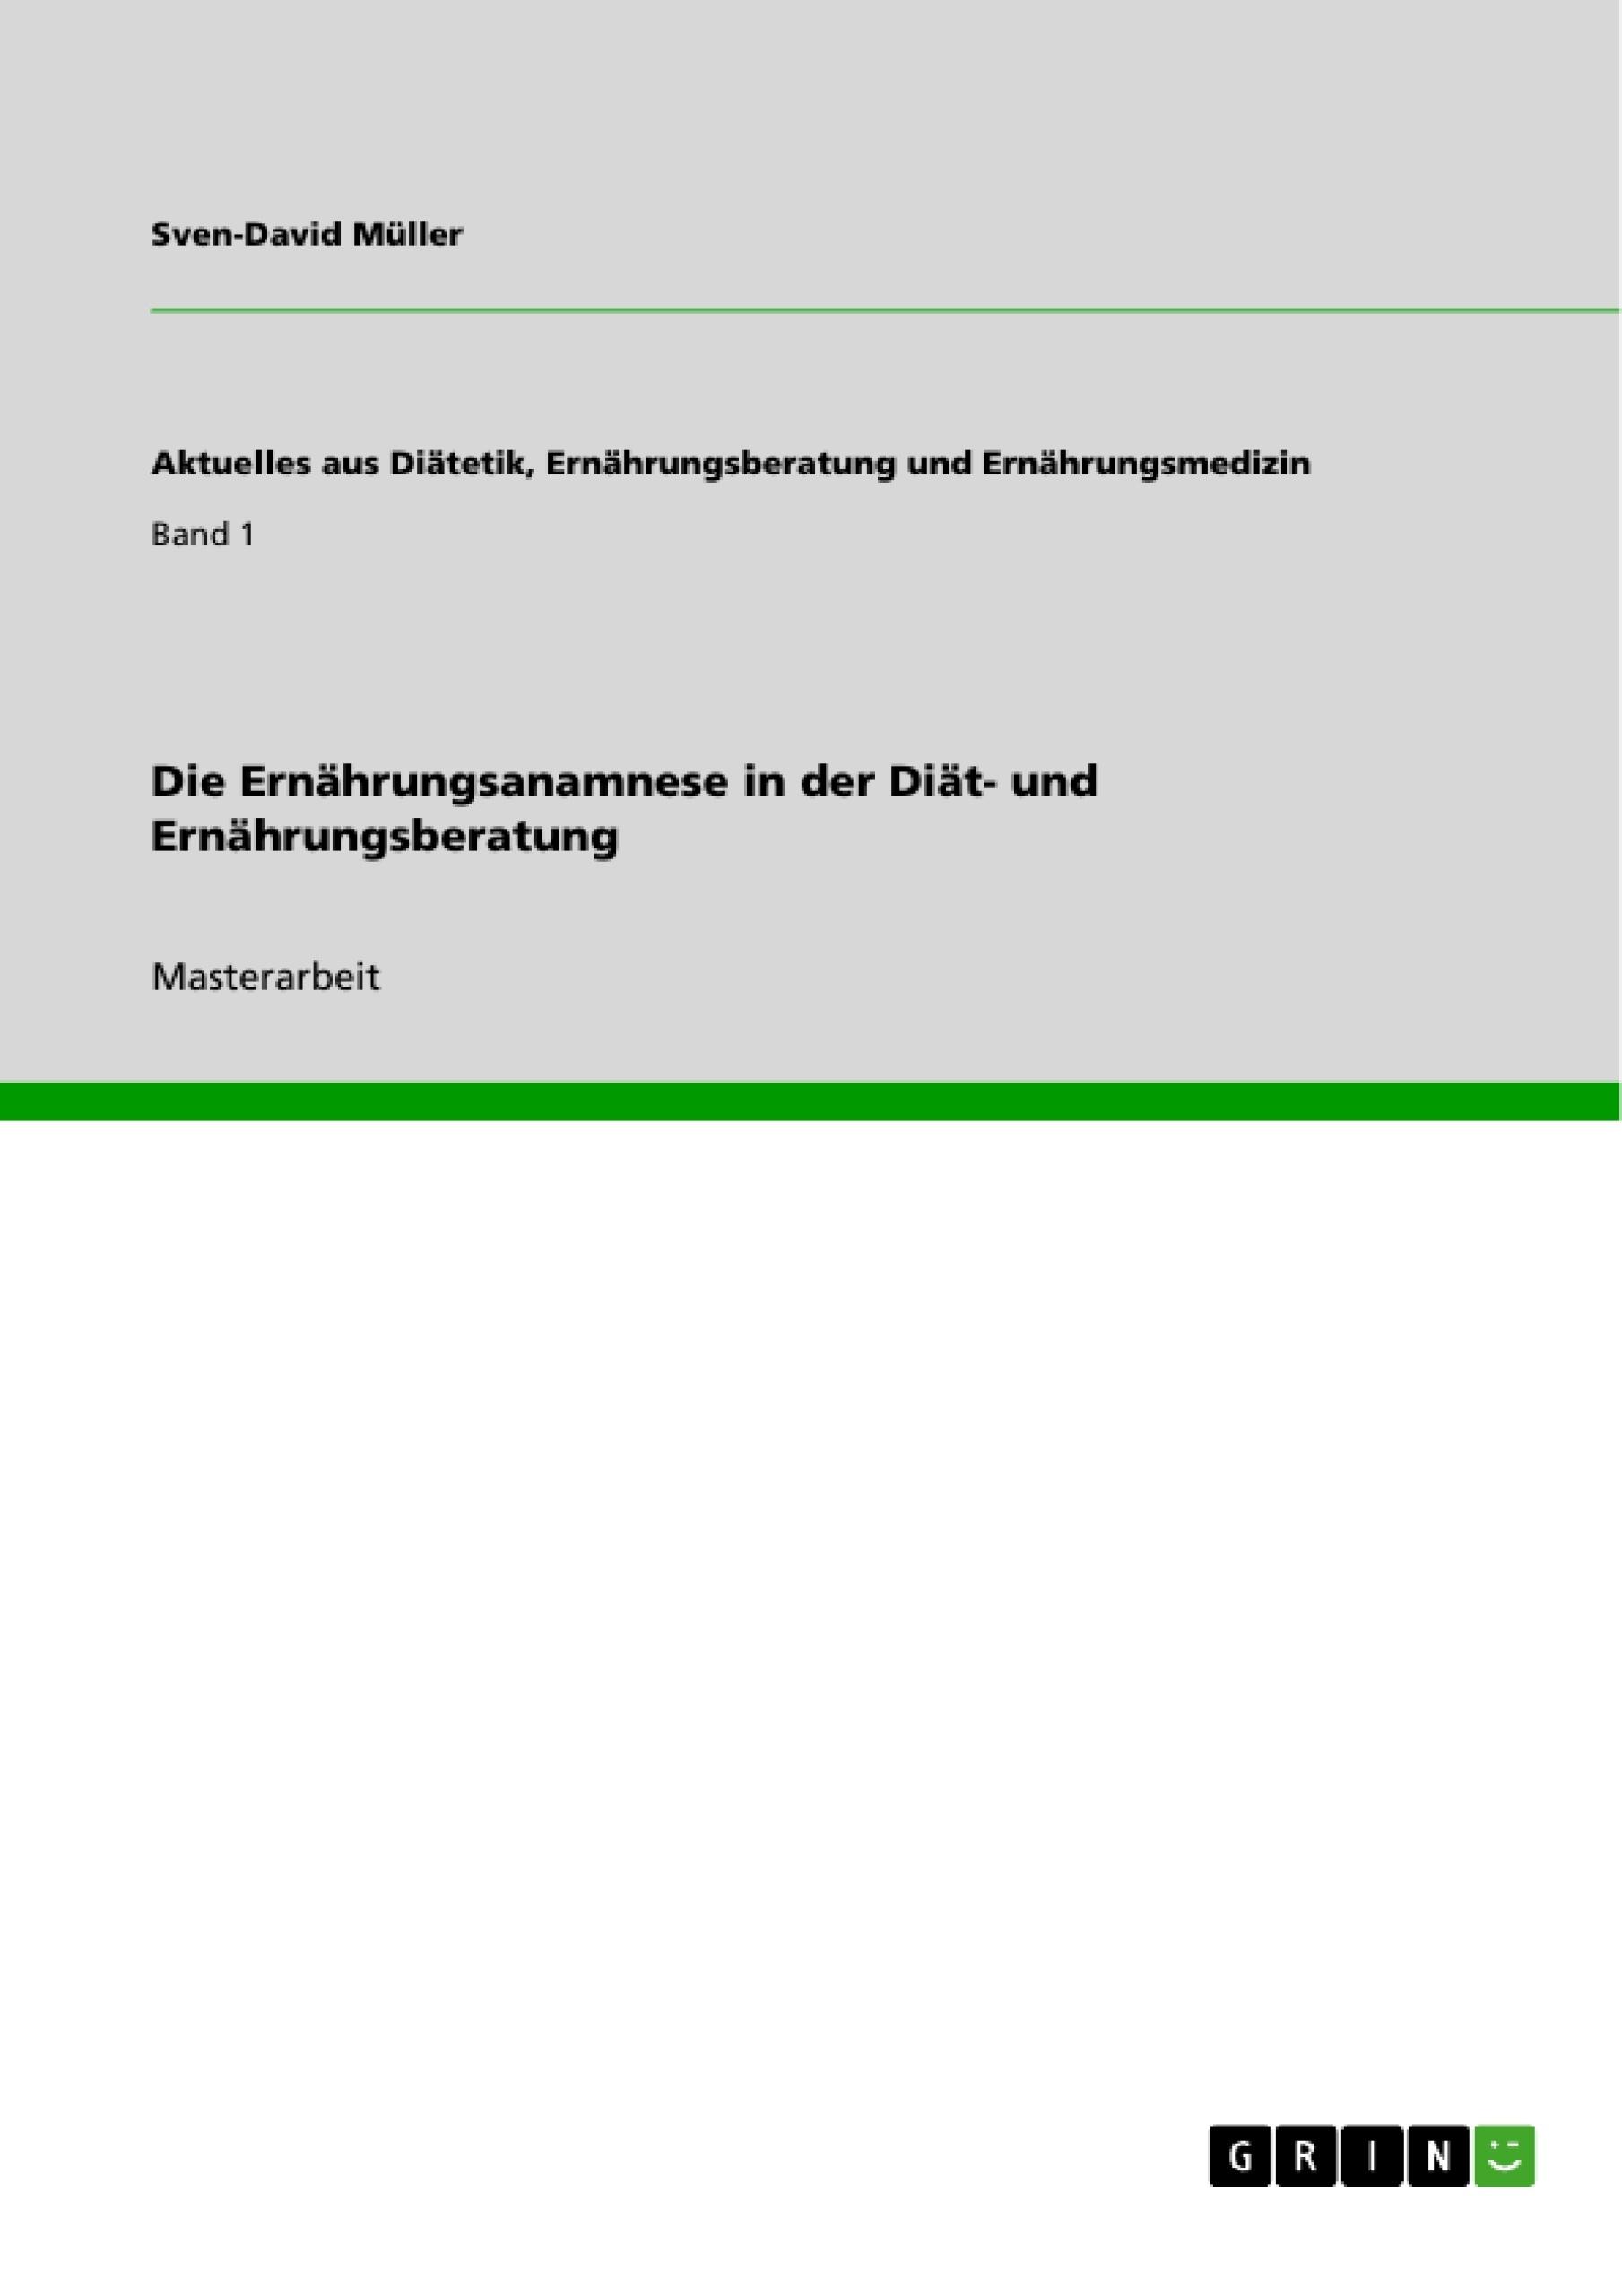 Titel: Die Ernährungsanamnese in der Diät- und Ernährungsberatung